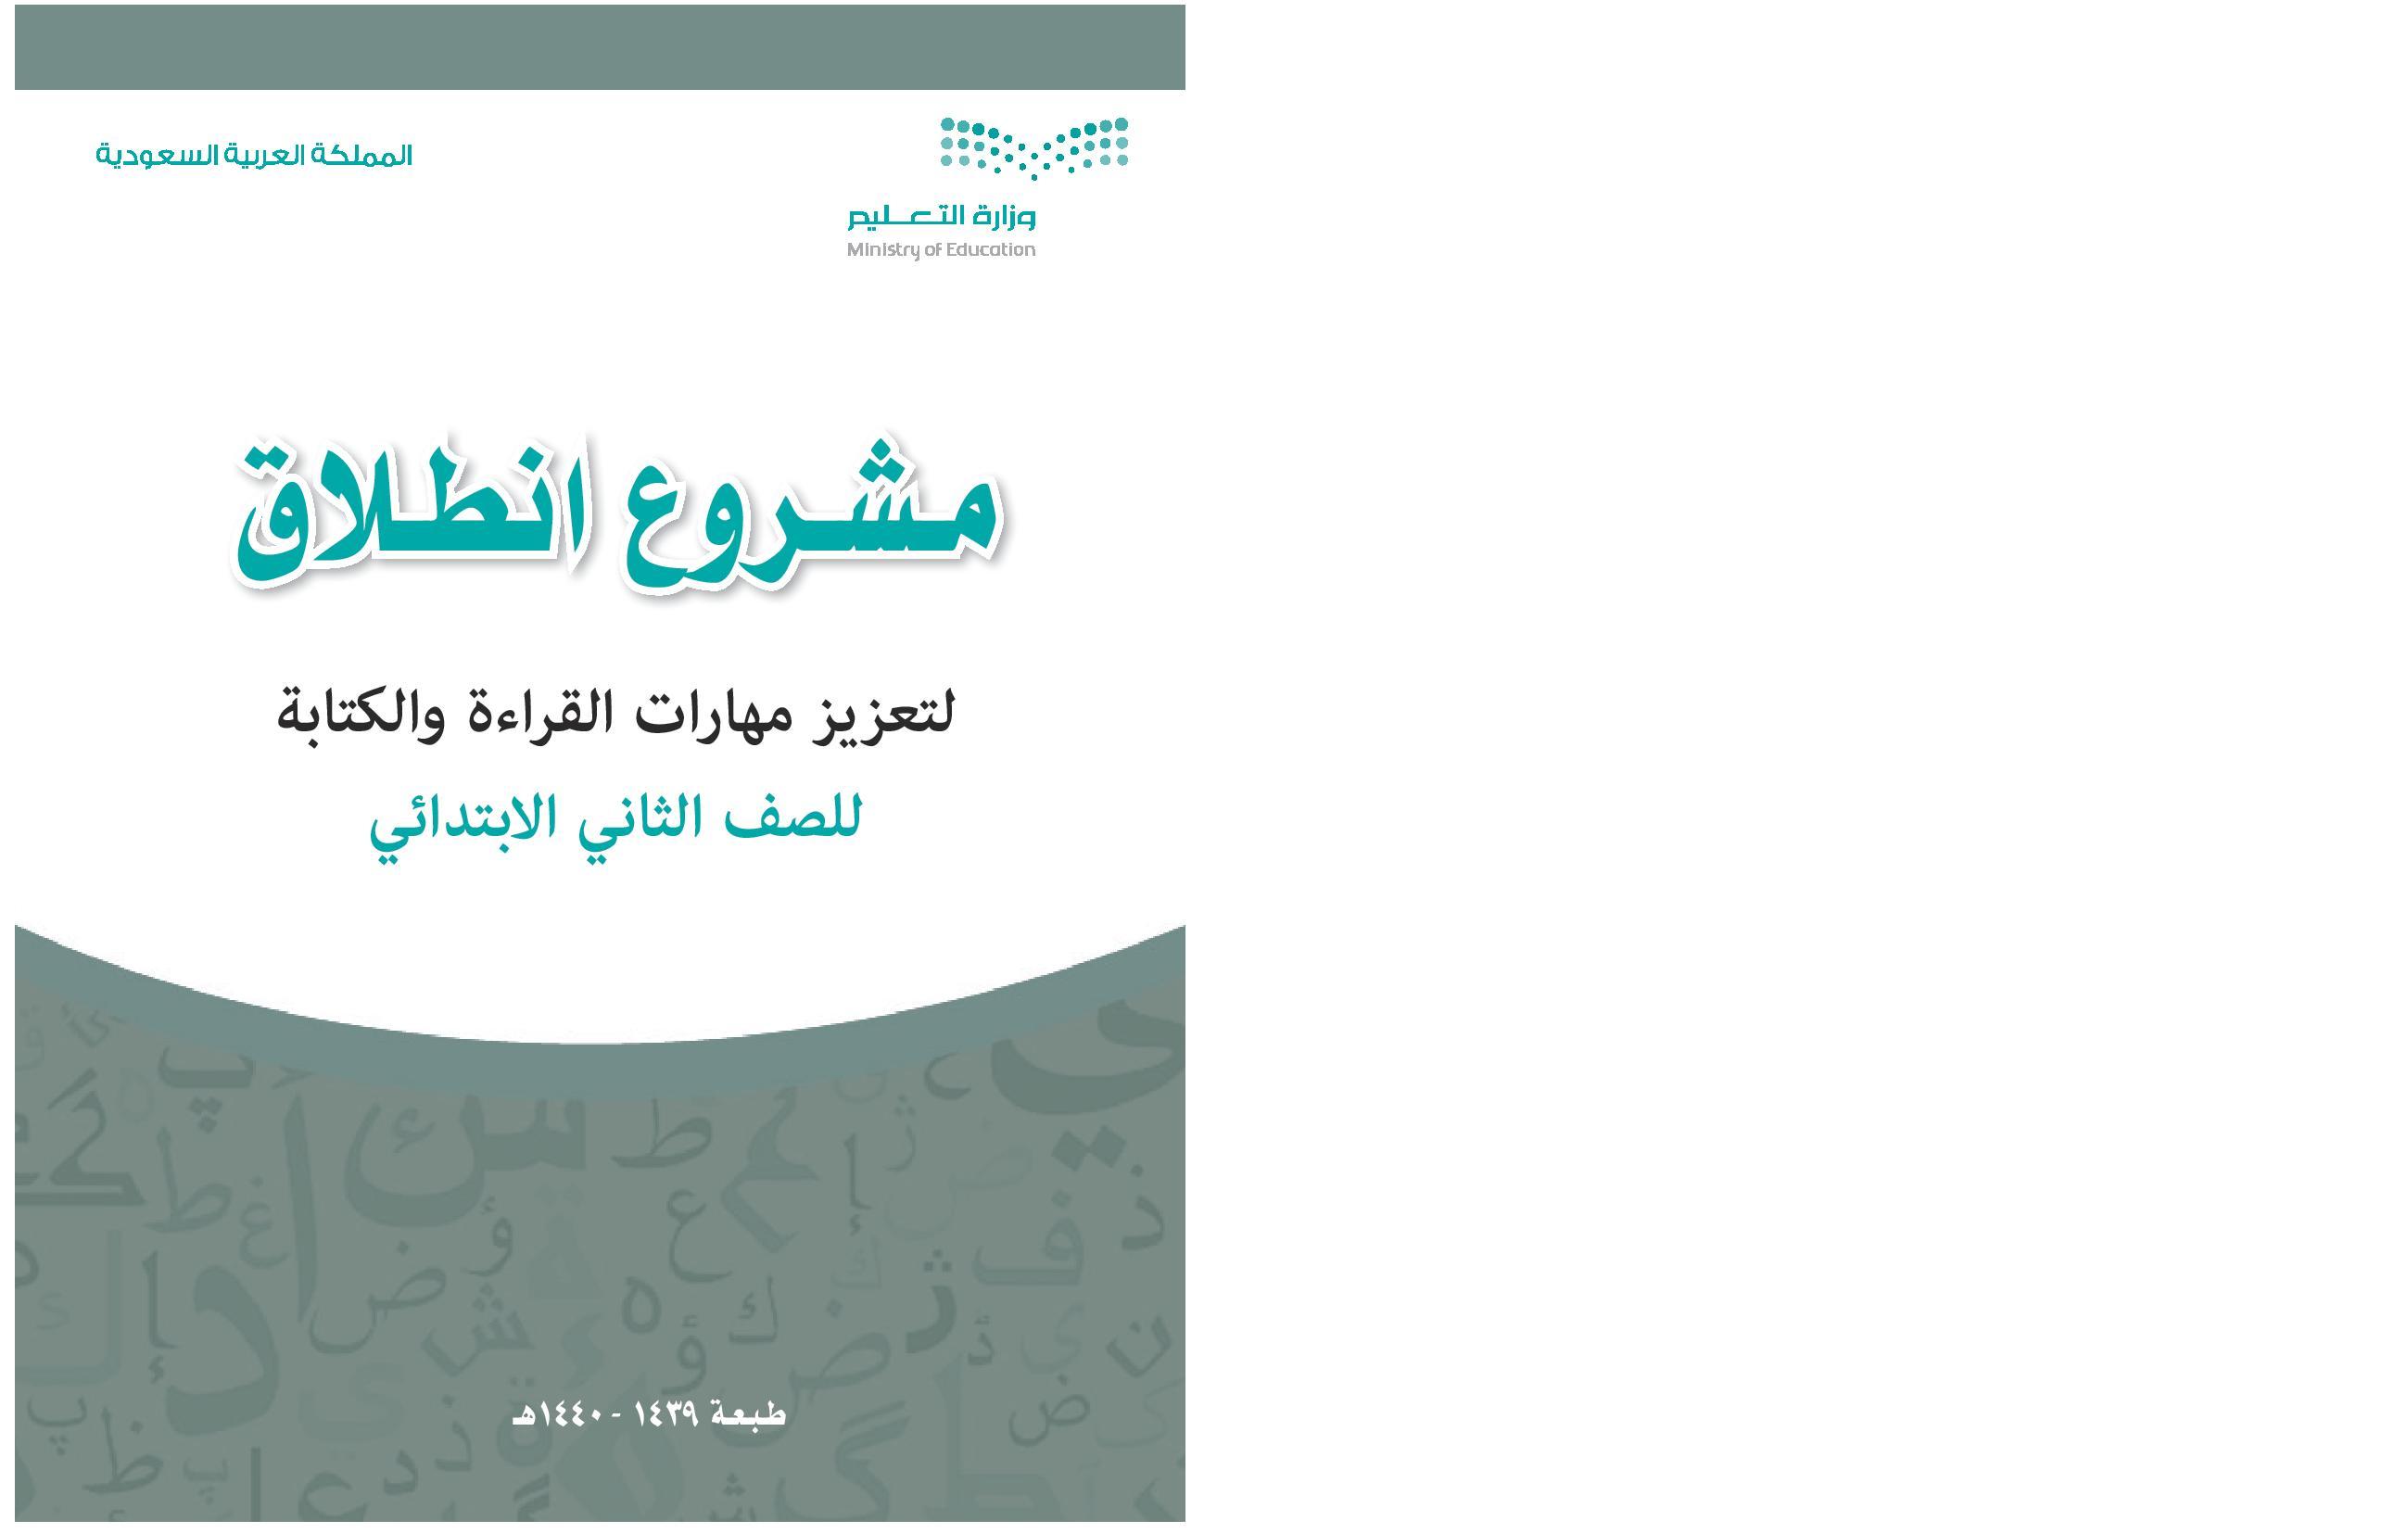 كتاب يحتوي صفحة عربي مشروع